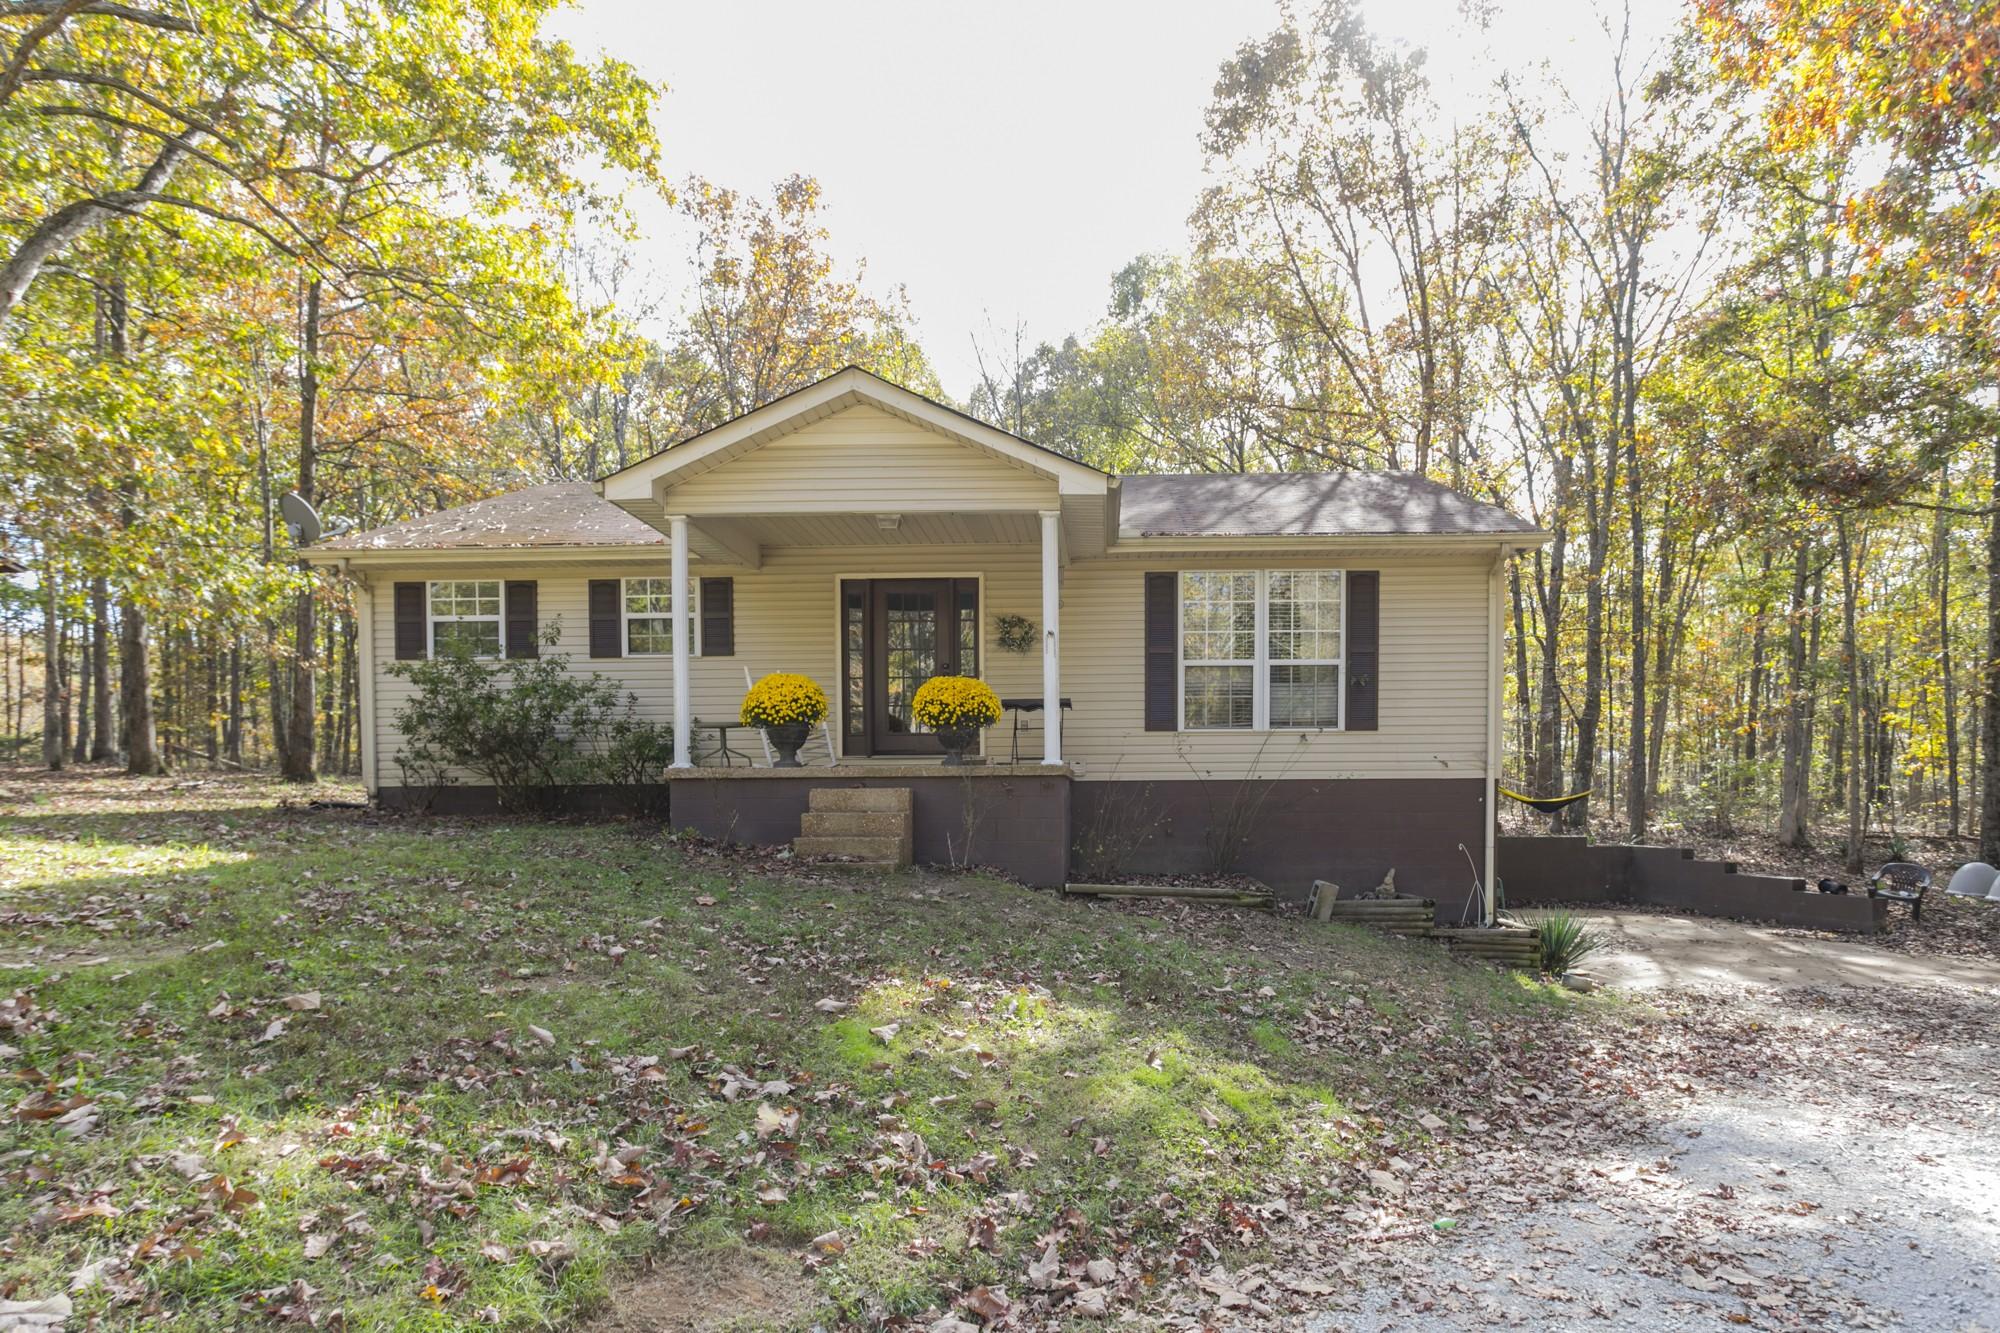 1161 Joe Plunkett Rd, Centerville, TN 37033 - Centerville, TN real estate listing